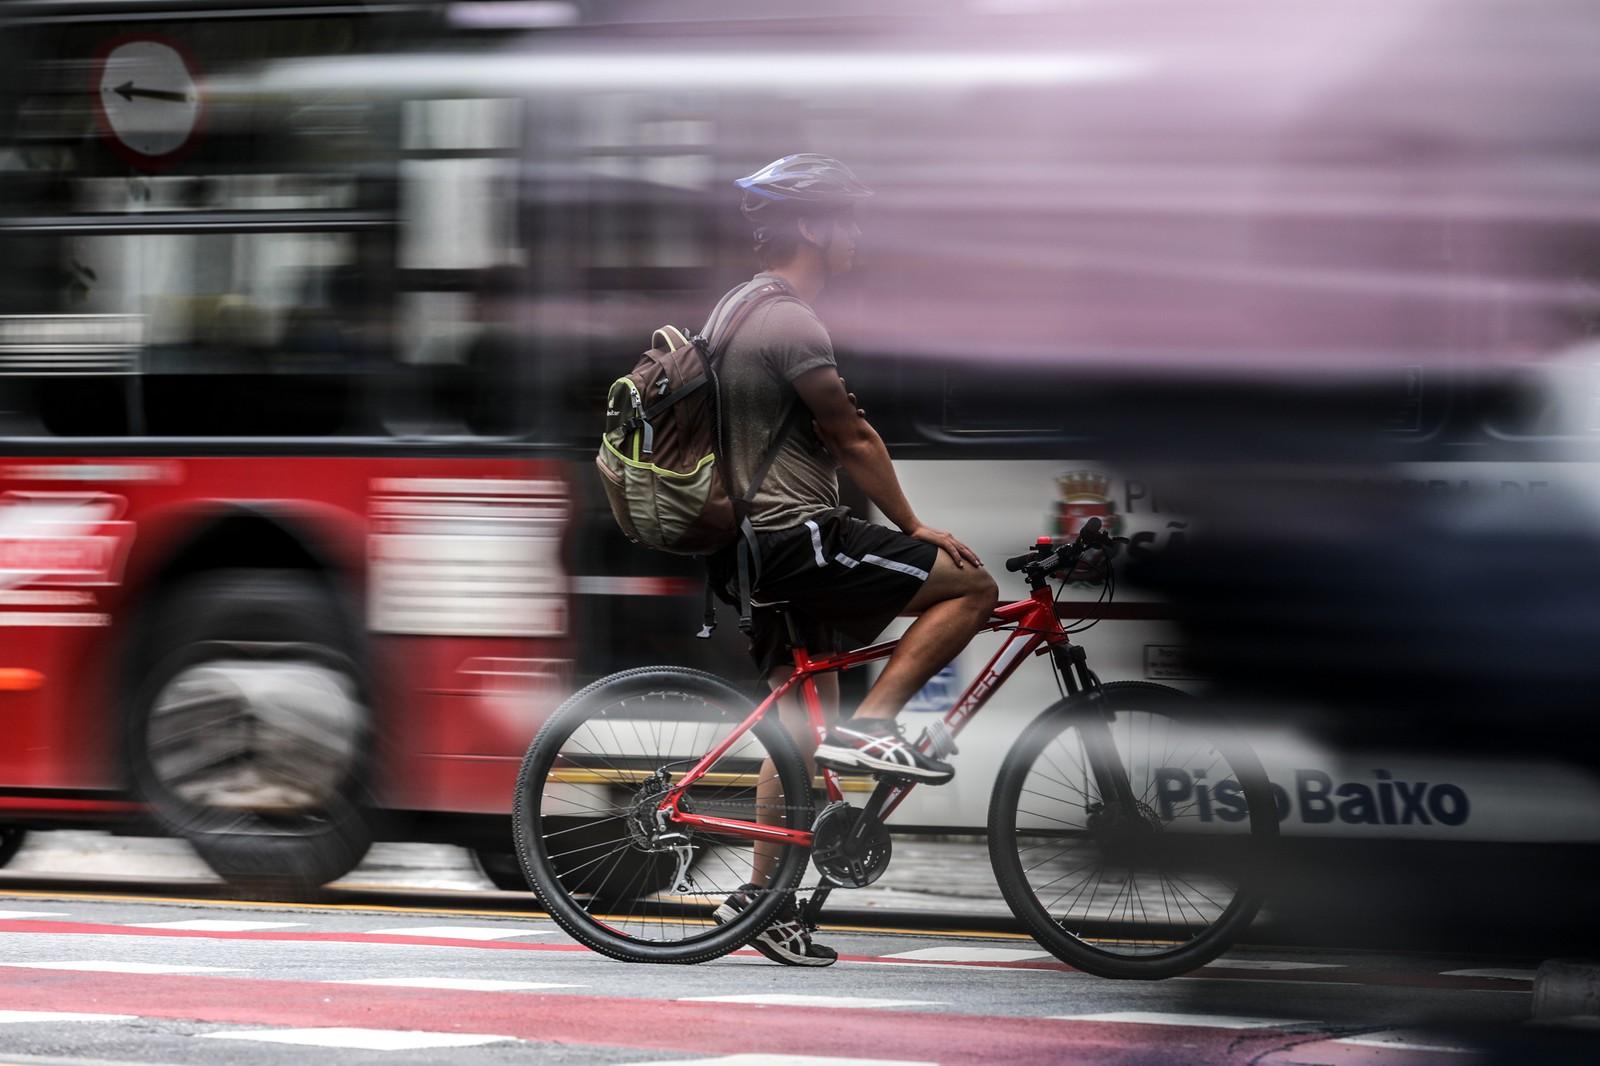 Placas do Mercosul e multa para ciclista: veja o que muda na lei de trânsito em 2019